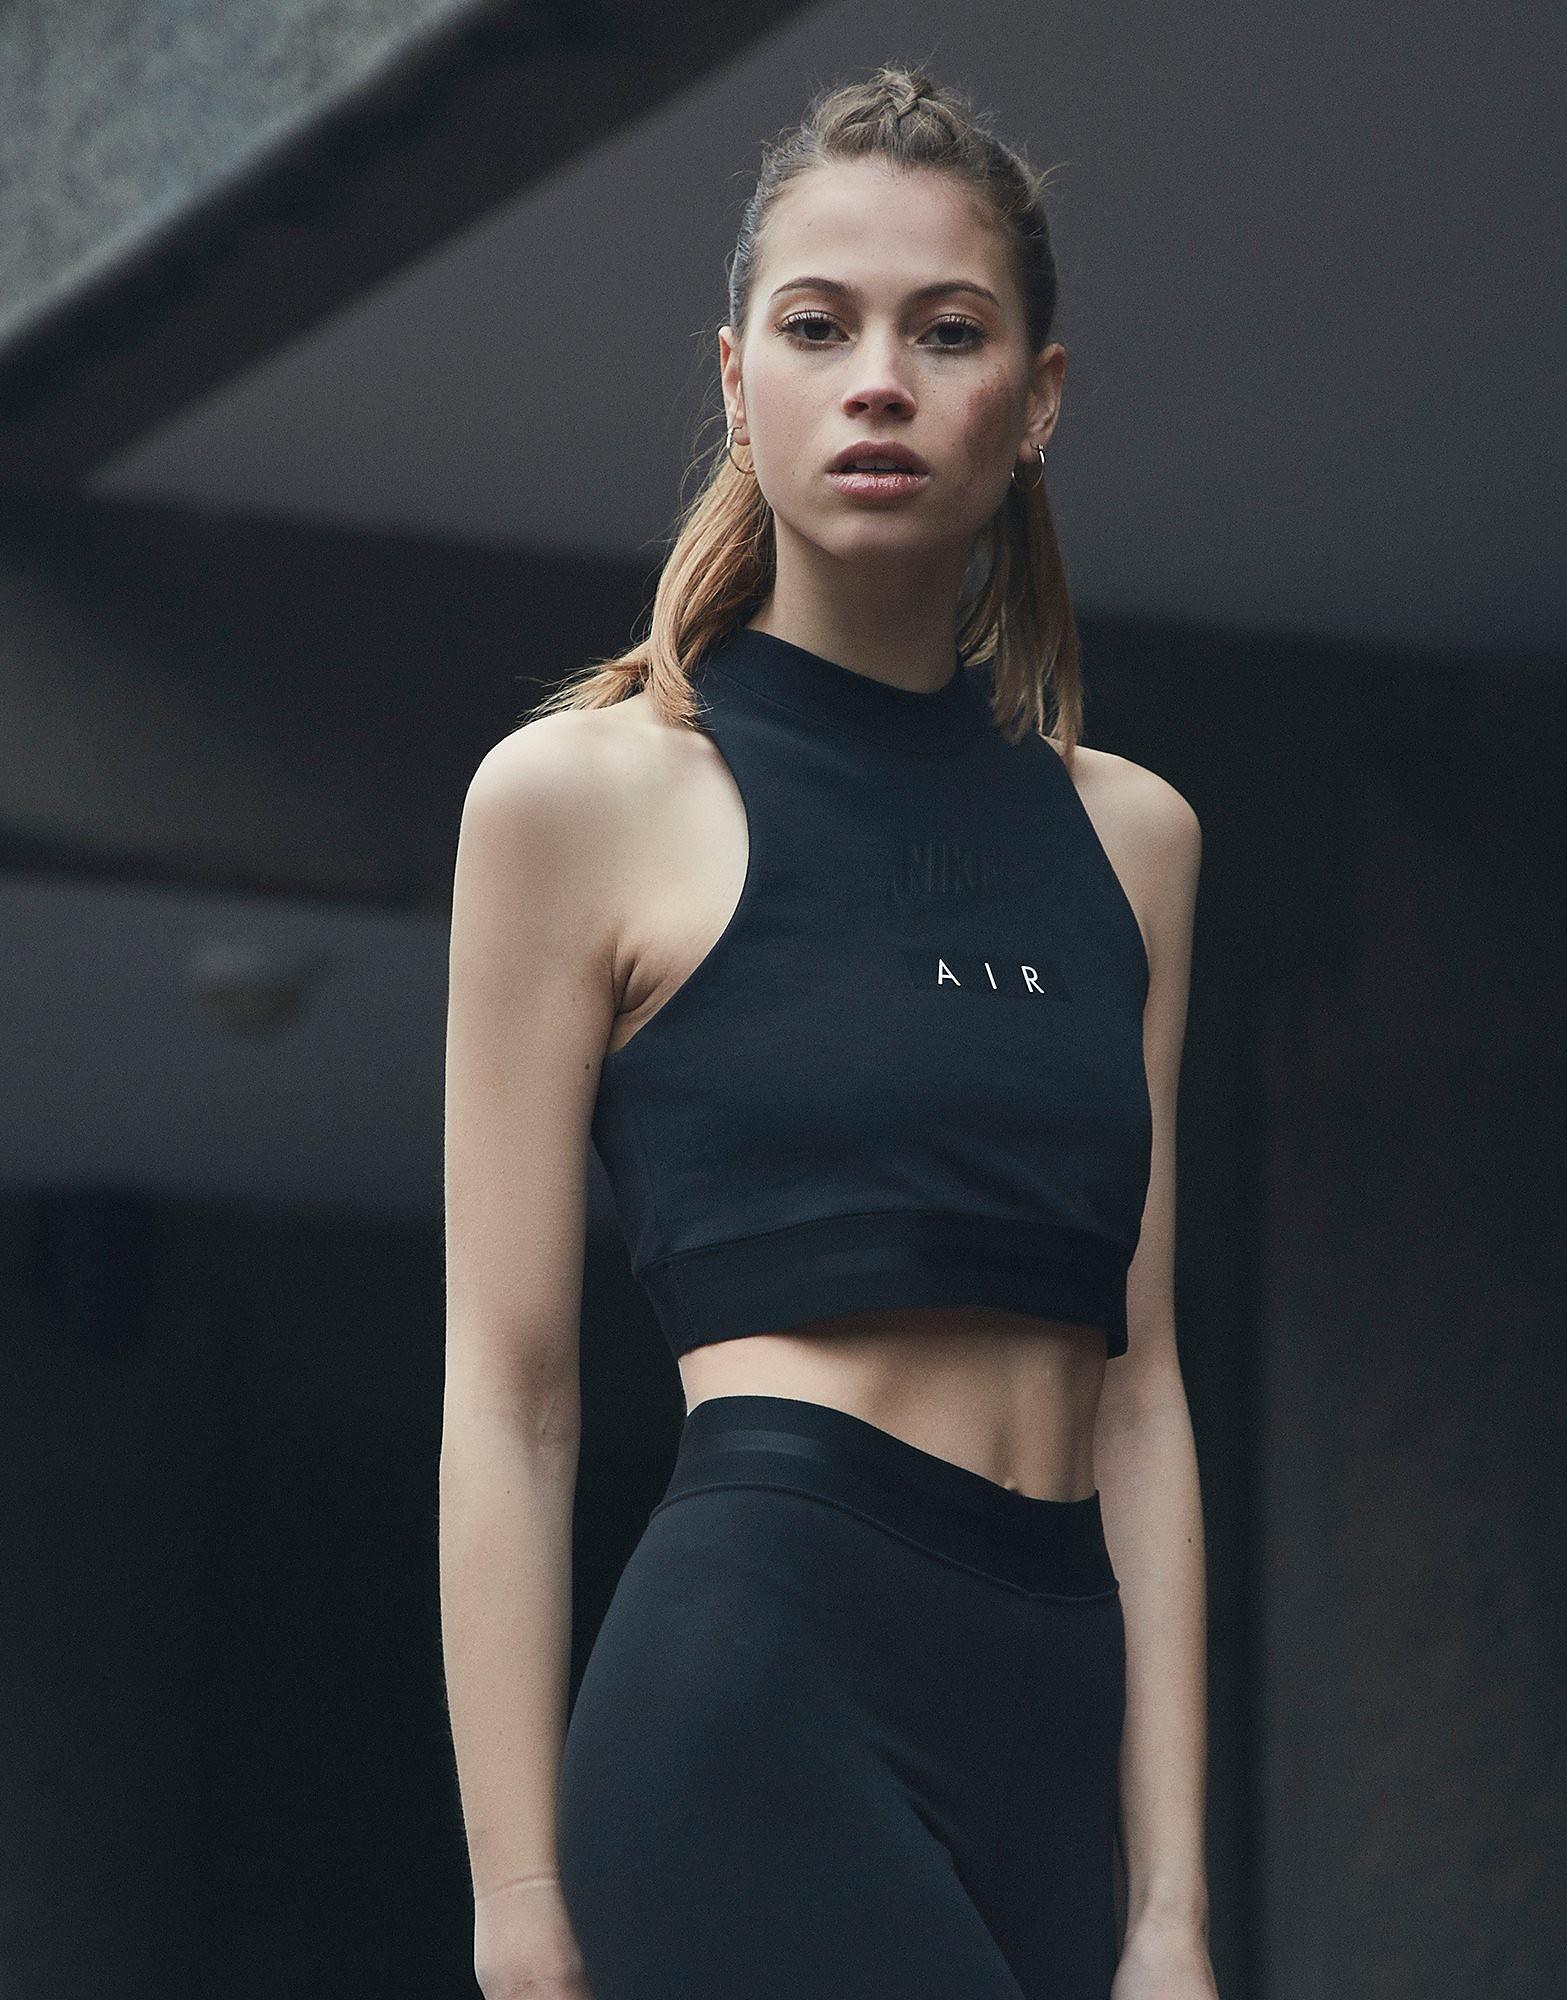 Nike Air Crop Top